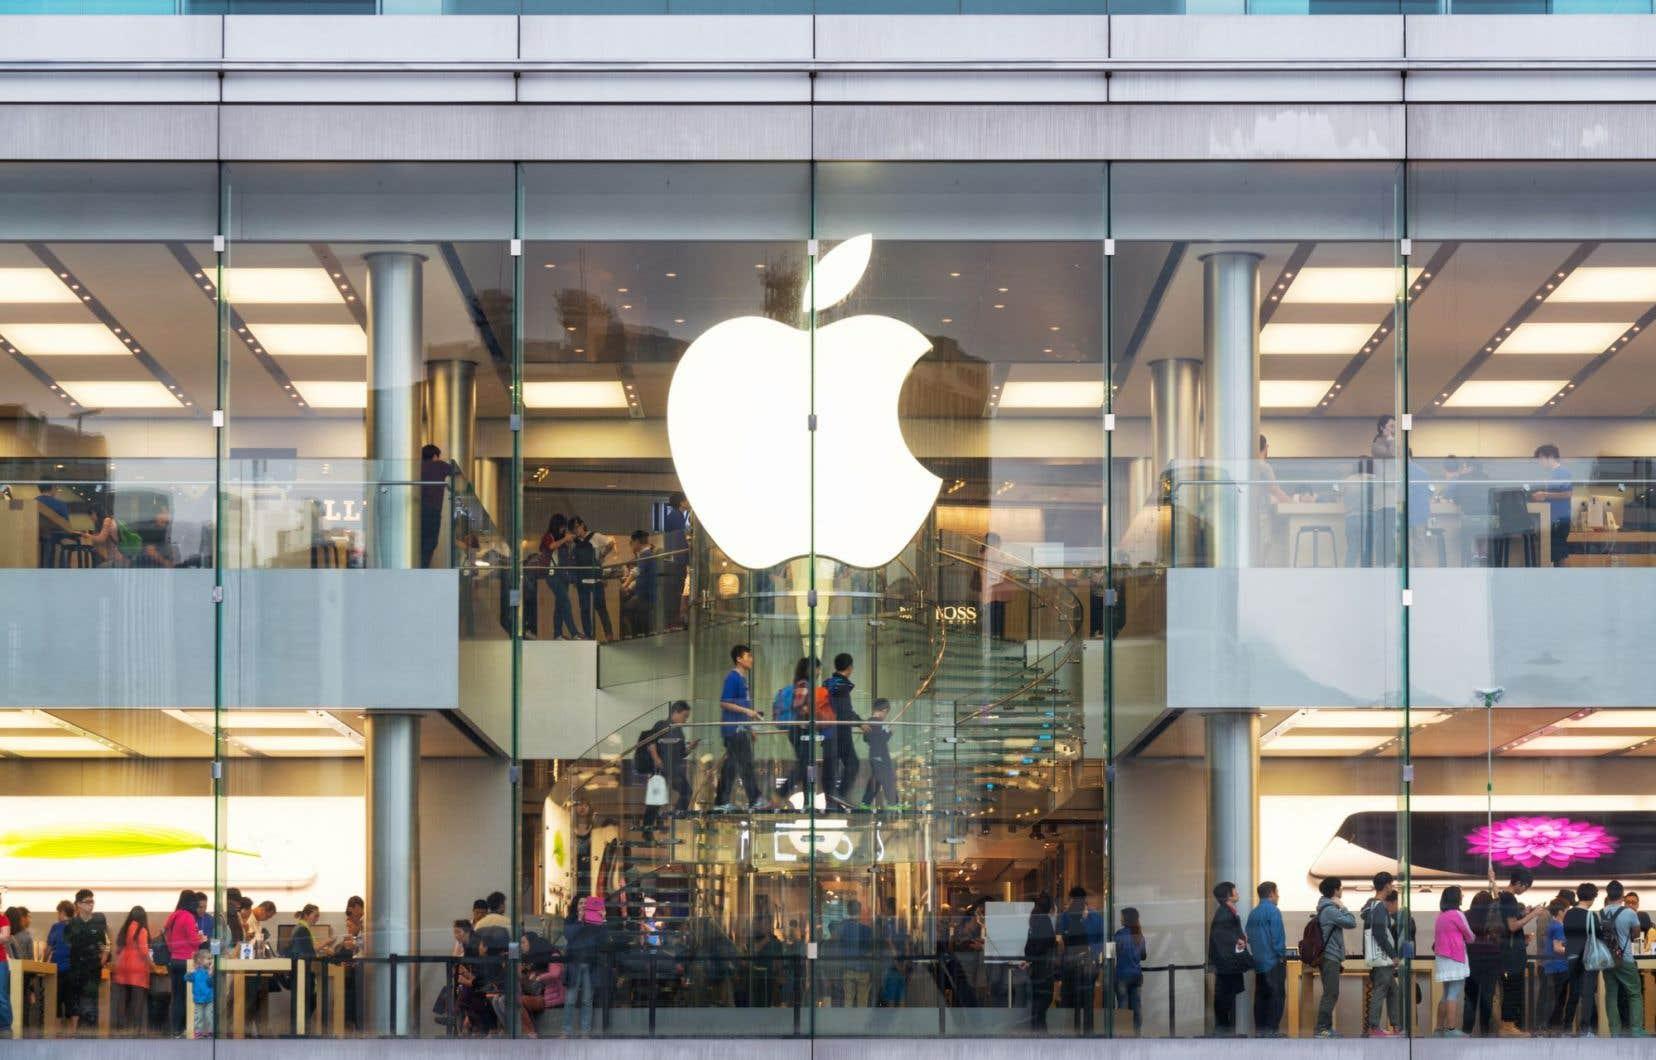 Apple a annoncé mardi qu'il consacrerait plus de 300 milliards de dollars à son programme de rachat d'actions d'ici mars 2019.